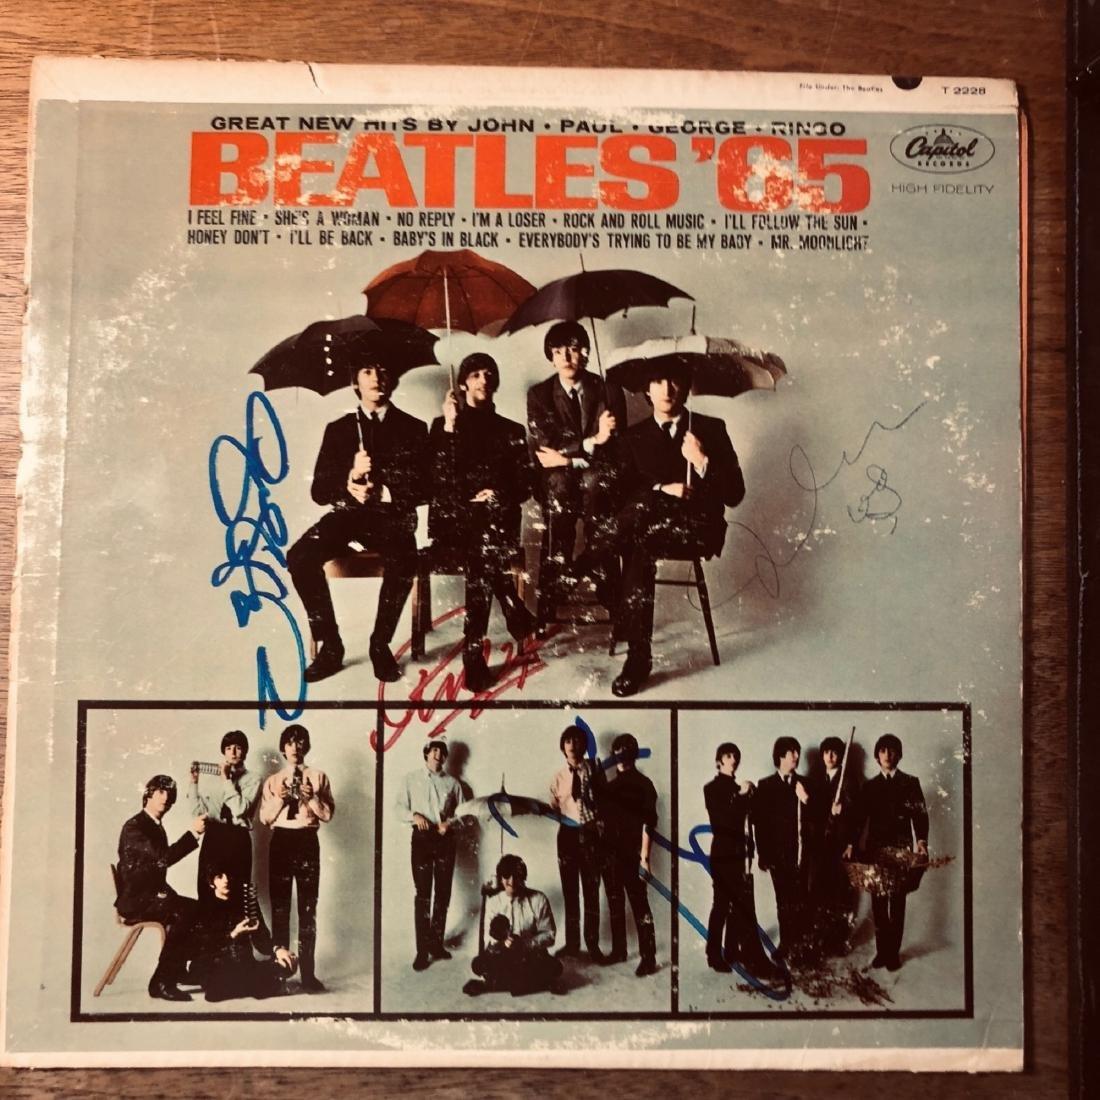 Signed Beatles 65 Album